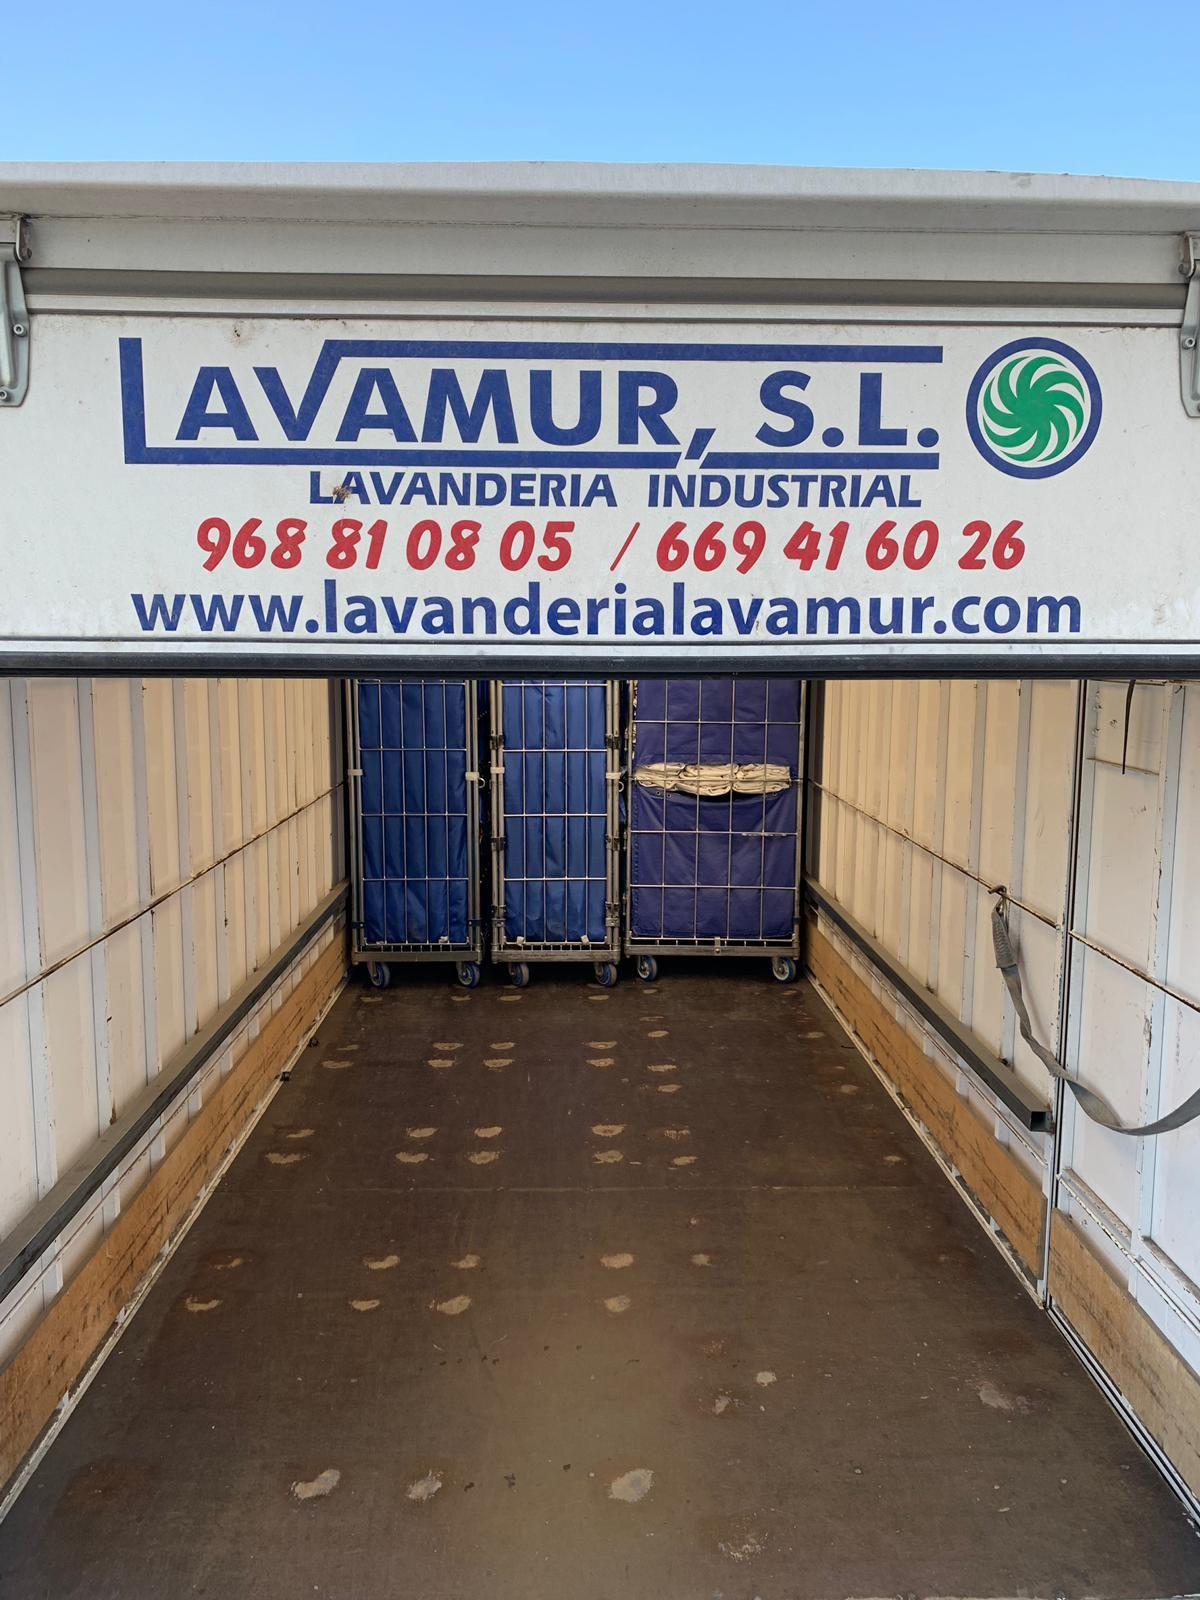 Foto 3 de Lavanderías industriales en Llano de Brujas | Lavamur